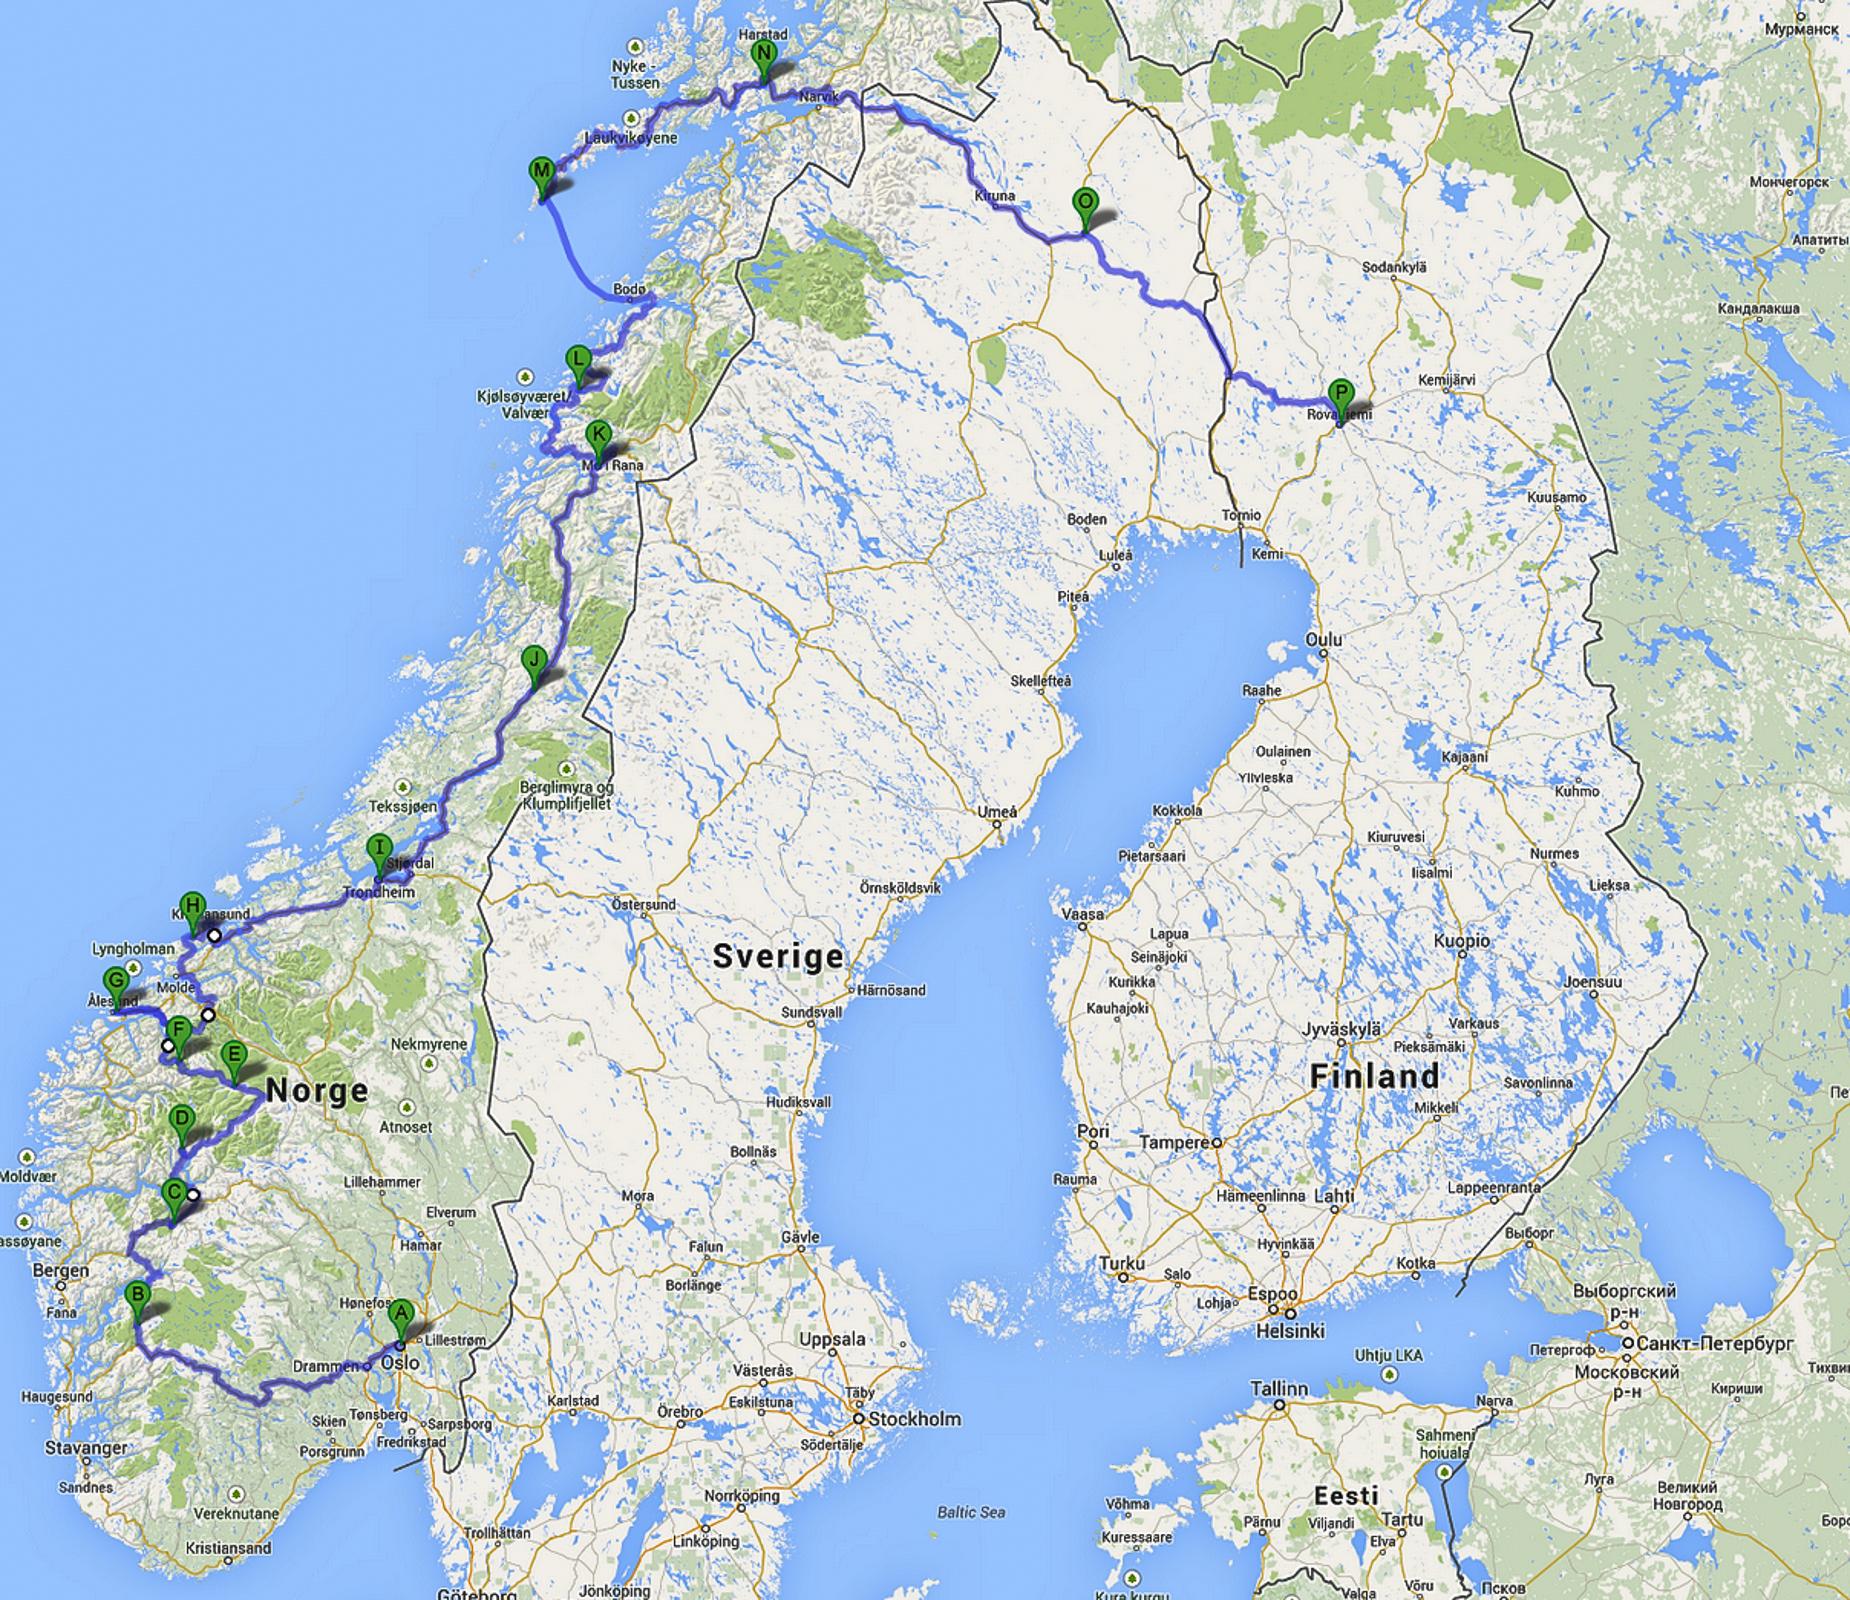 Photo: Наш маршрут по Норвегии... >> (шевроны означают, что есть доп. комментарии к фотографии))